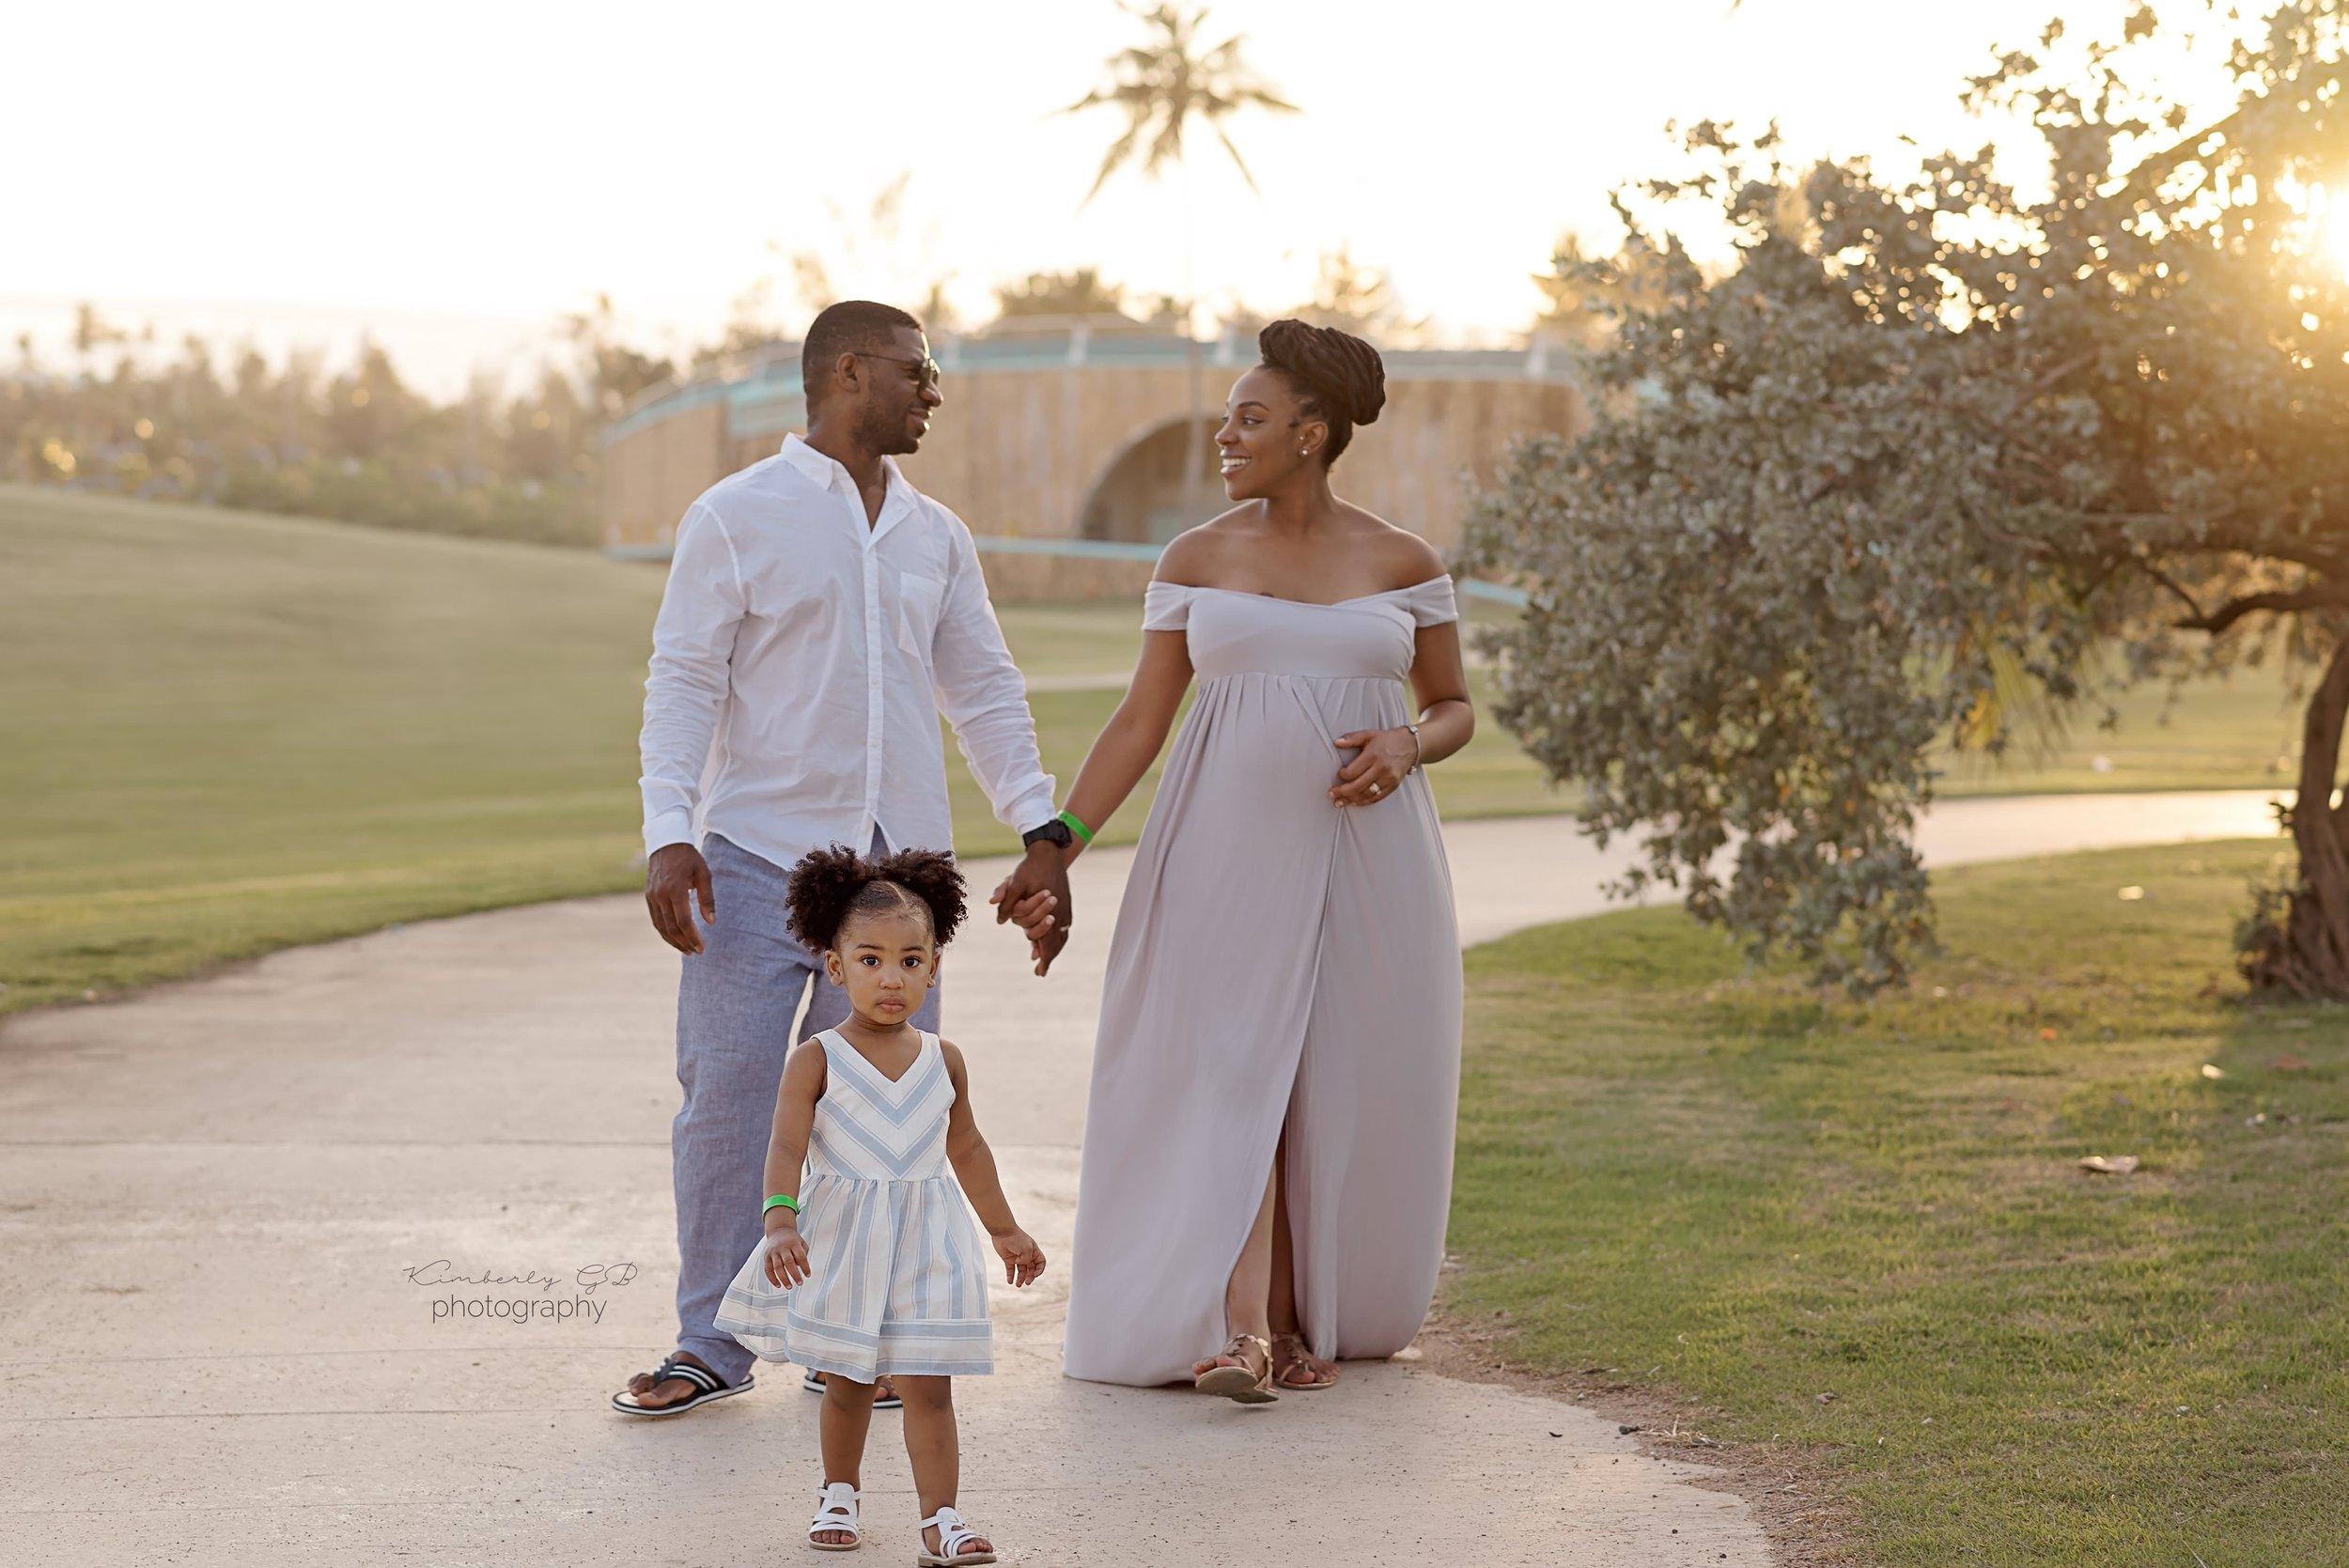 fotografia-fotografa-de-maternidad-embarazo-embarazada-en-puerto-rico-fotografia-82.jpg